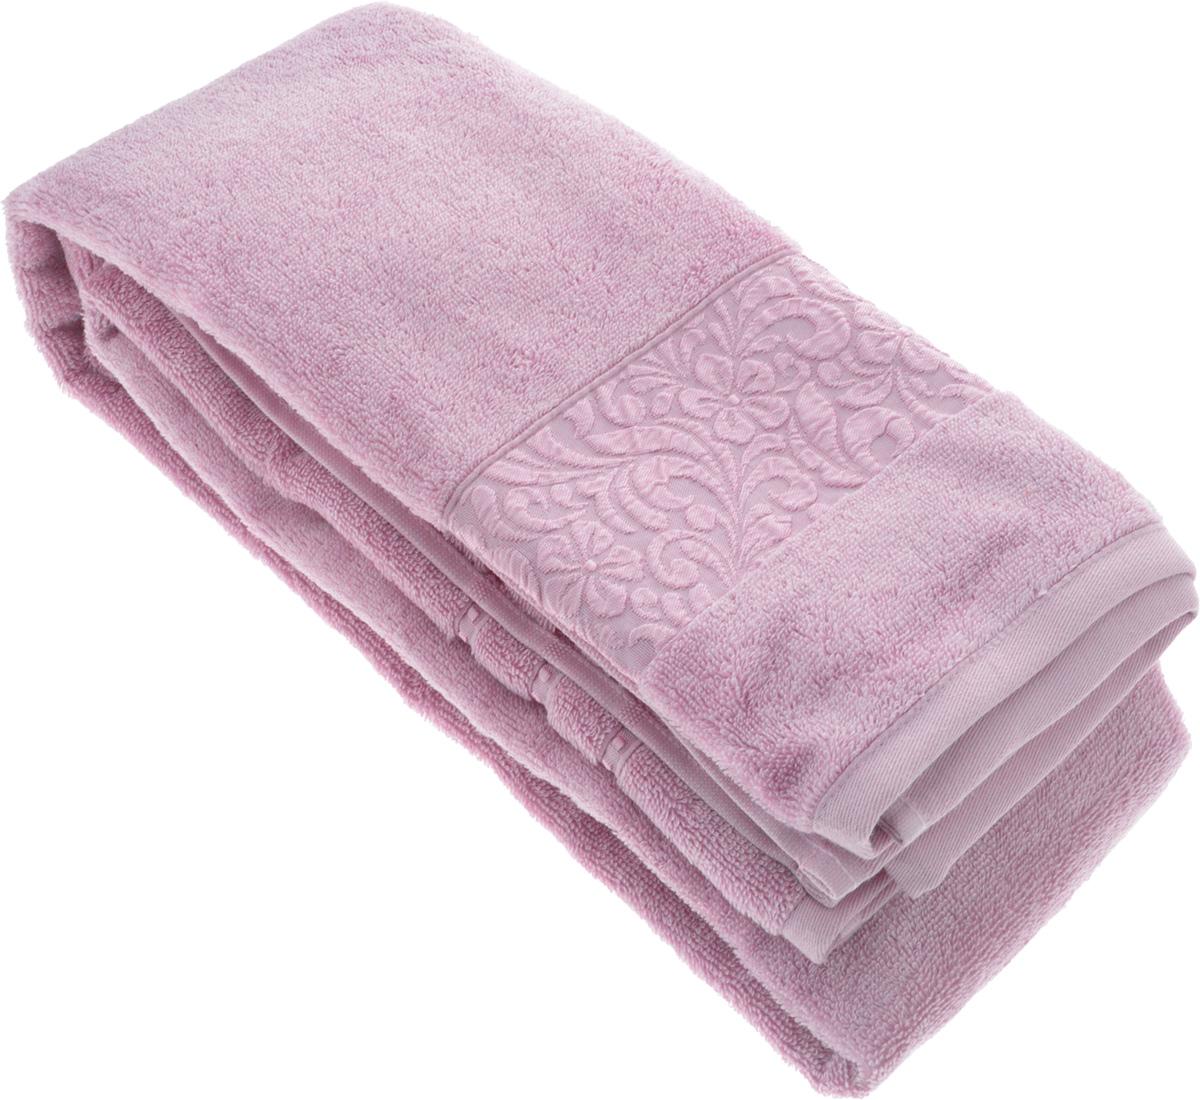 Полотенце бамбуковое Issimo Home Valencia, цвет: светло-пурпурный, 90 x 150 см4770Полотенце Issimo Home Valencia выполнено из 60% бамбукового волокна и 40% хлопка. Таким полотенцем не нужно вытираться - только коснитесь кожи - и ткань сама все впитает. Такая ткань впитывает в 3 раза лучше, чем хлопок. Несмотря на богатую плотность и высокую петлю полотенца, оно быстро сохнет, остается легким даже при намокании. Бамбуковое полотенце имеет красивый жаккардовый бордюр, выполненный с орнаментом в цвет полотенца. Благородный, классический тон создаст уют и подчеркнет лучшие качества махровой ткани, а сочный, яркий, летний оттенок создаст ощущение праздника и наполнит дом энергией. Красивая, стильная упаковка этого полотенца делает его уже готовым подарком к любому случаю.